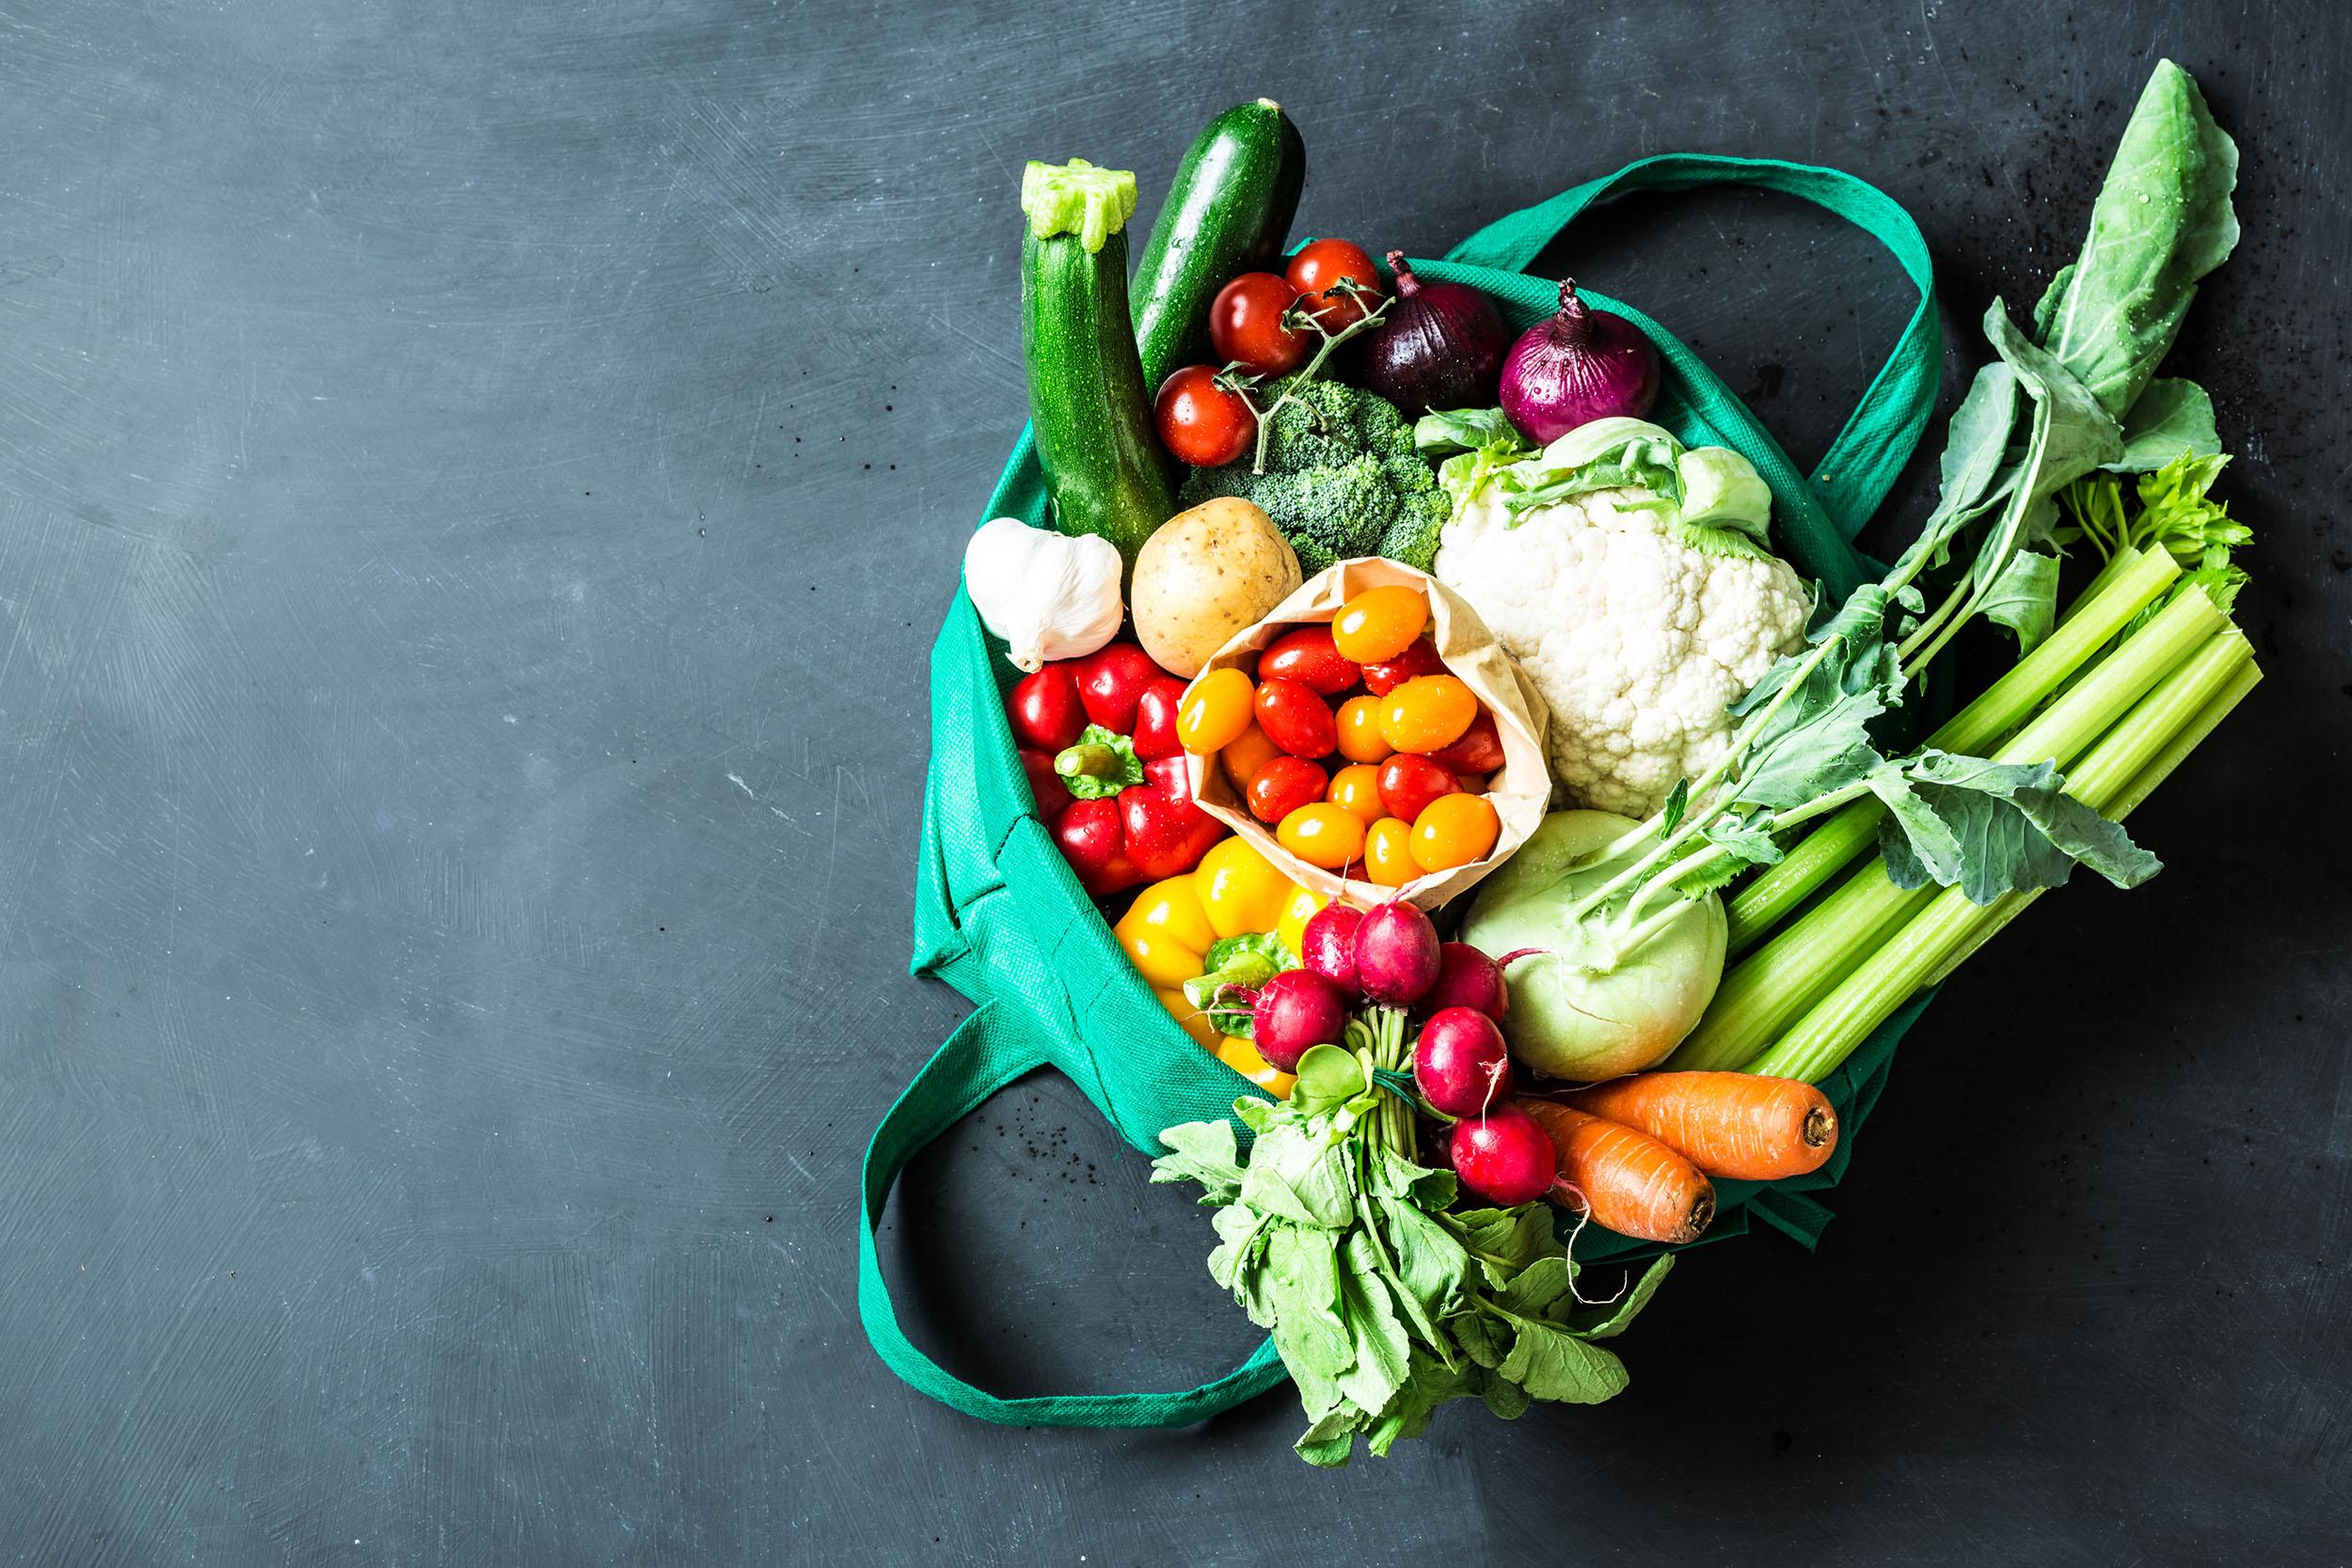 Frische, regionale Lebensmittel